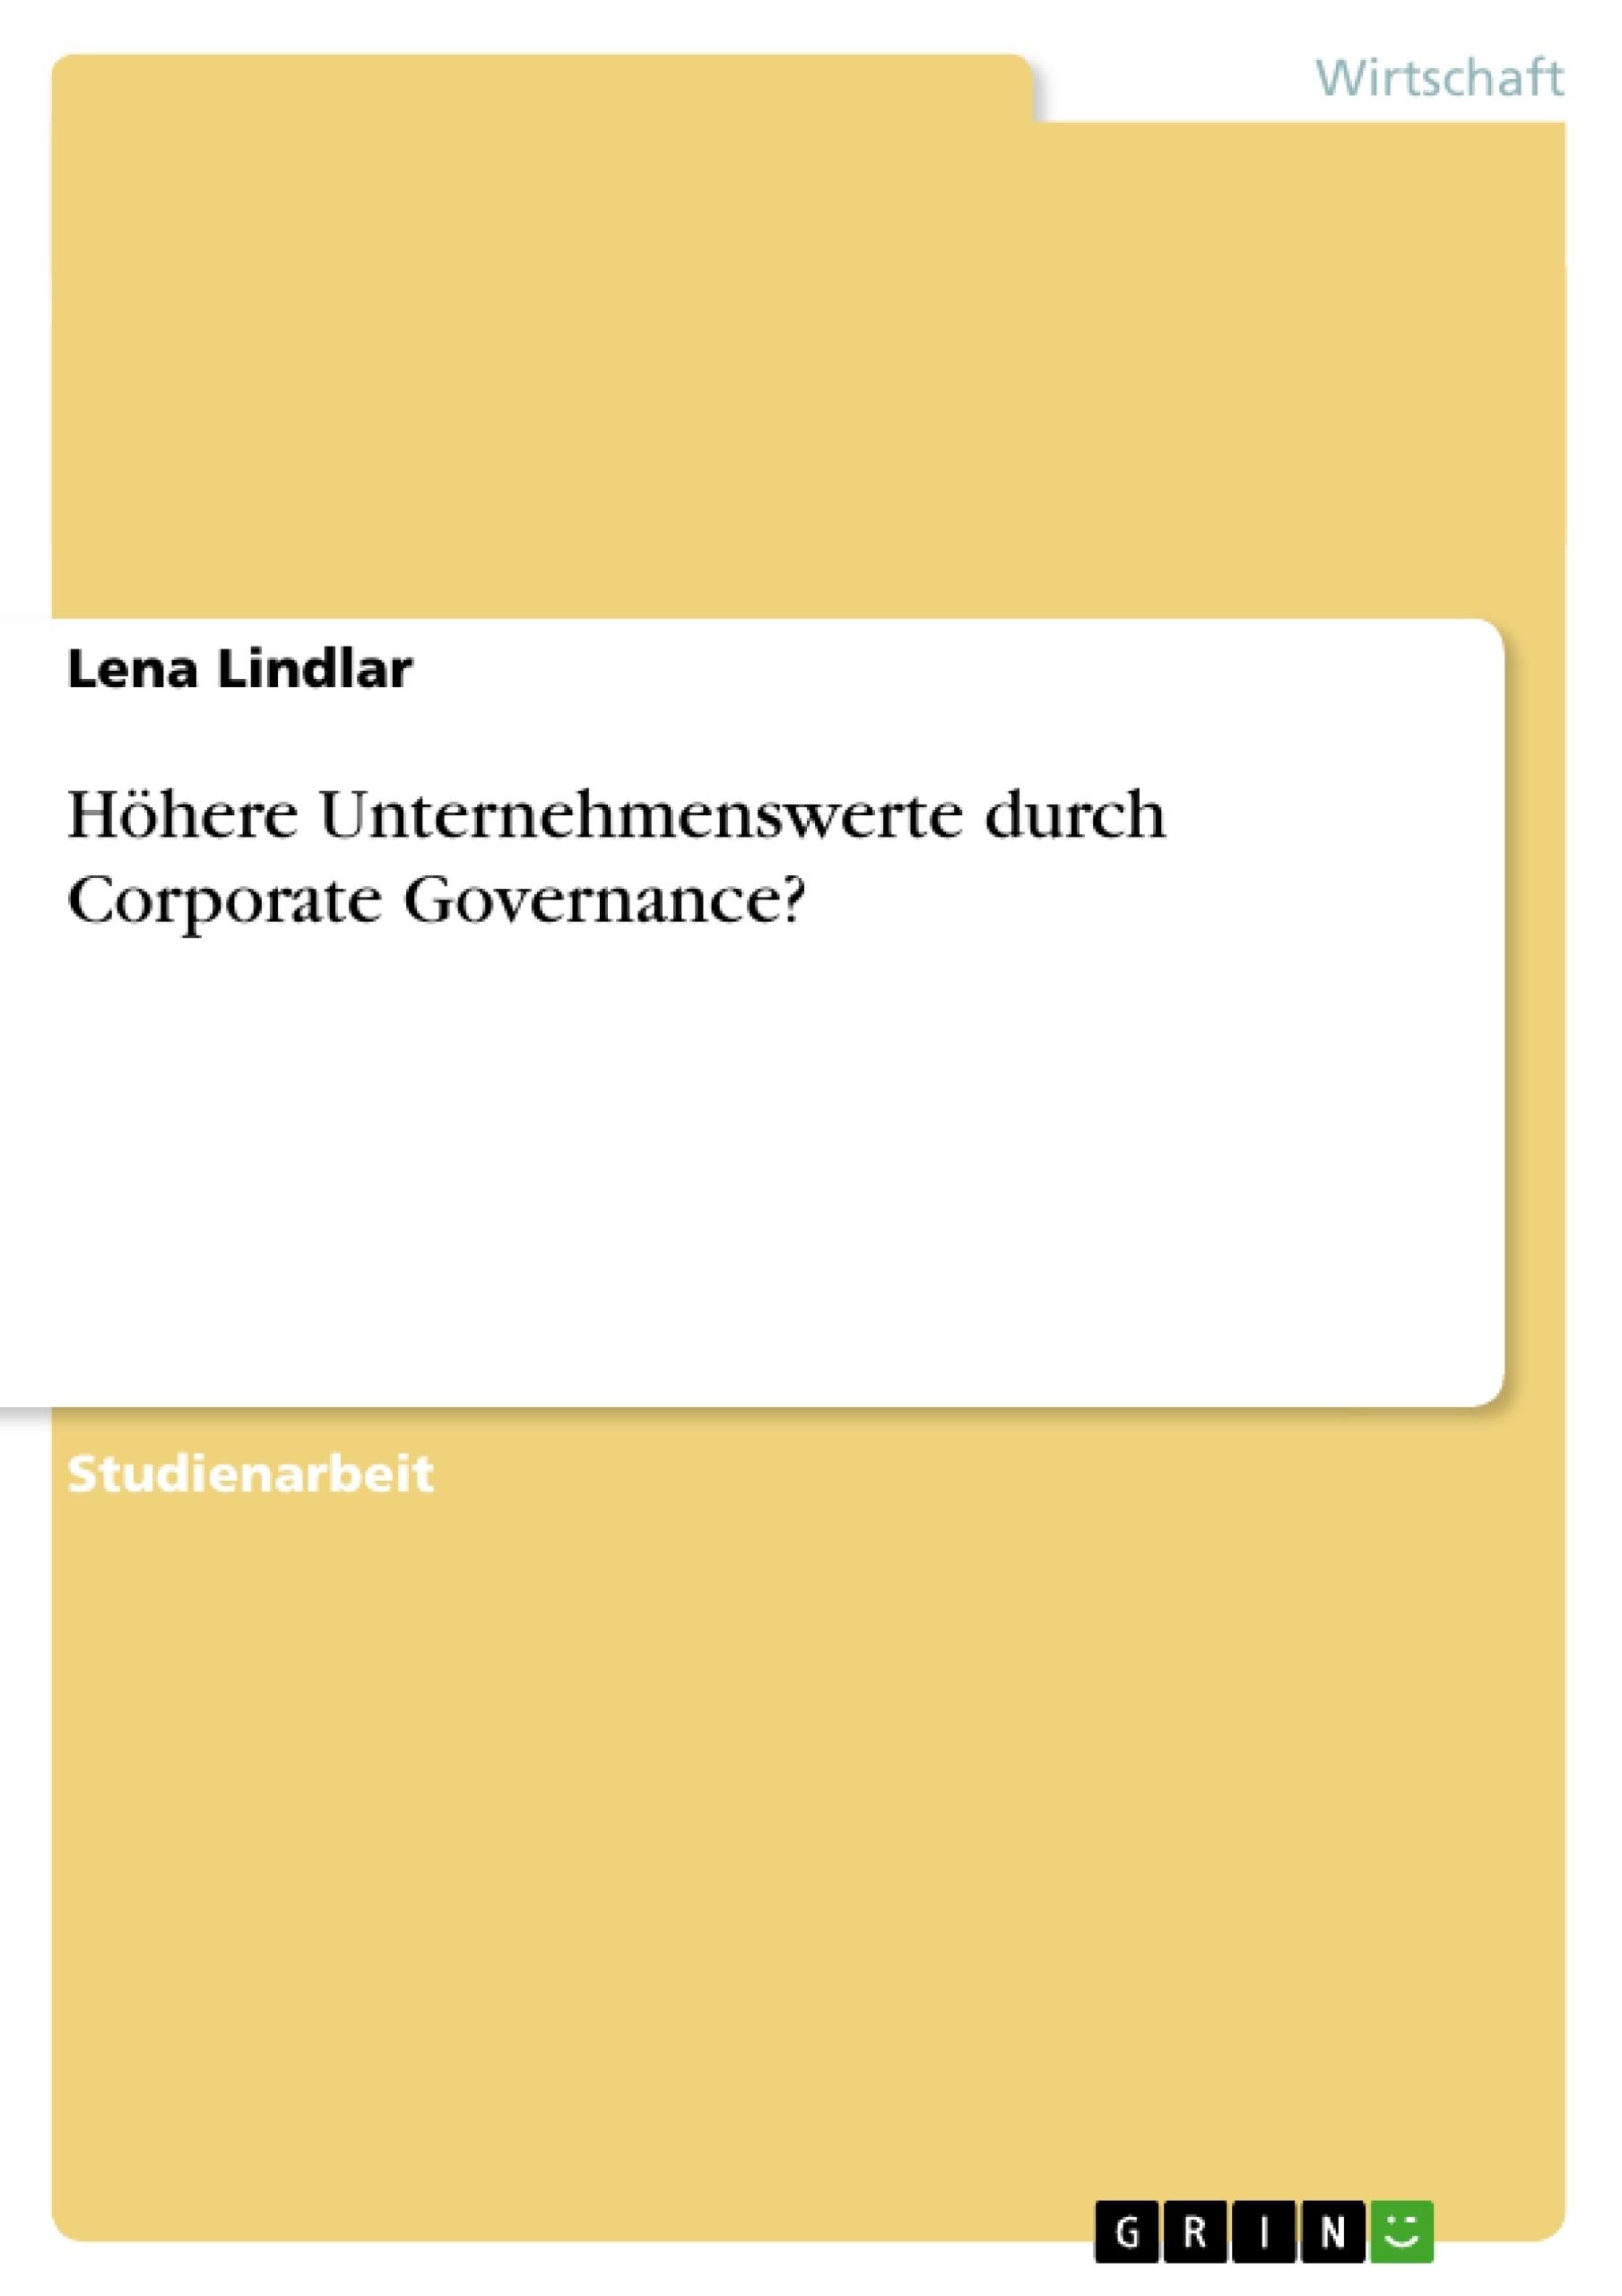 Titel: Höhere Unternehmenswerte durch Corporate Governance?